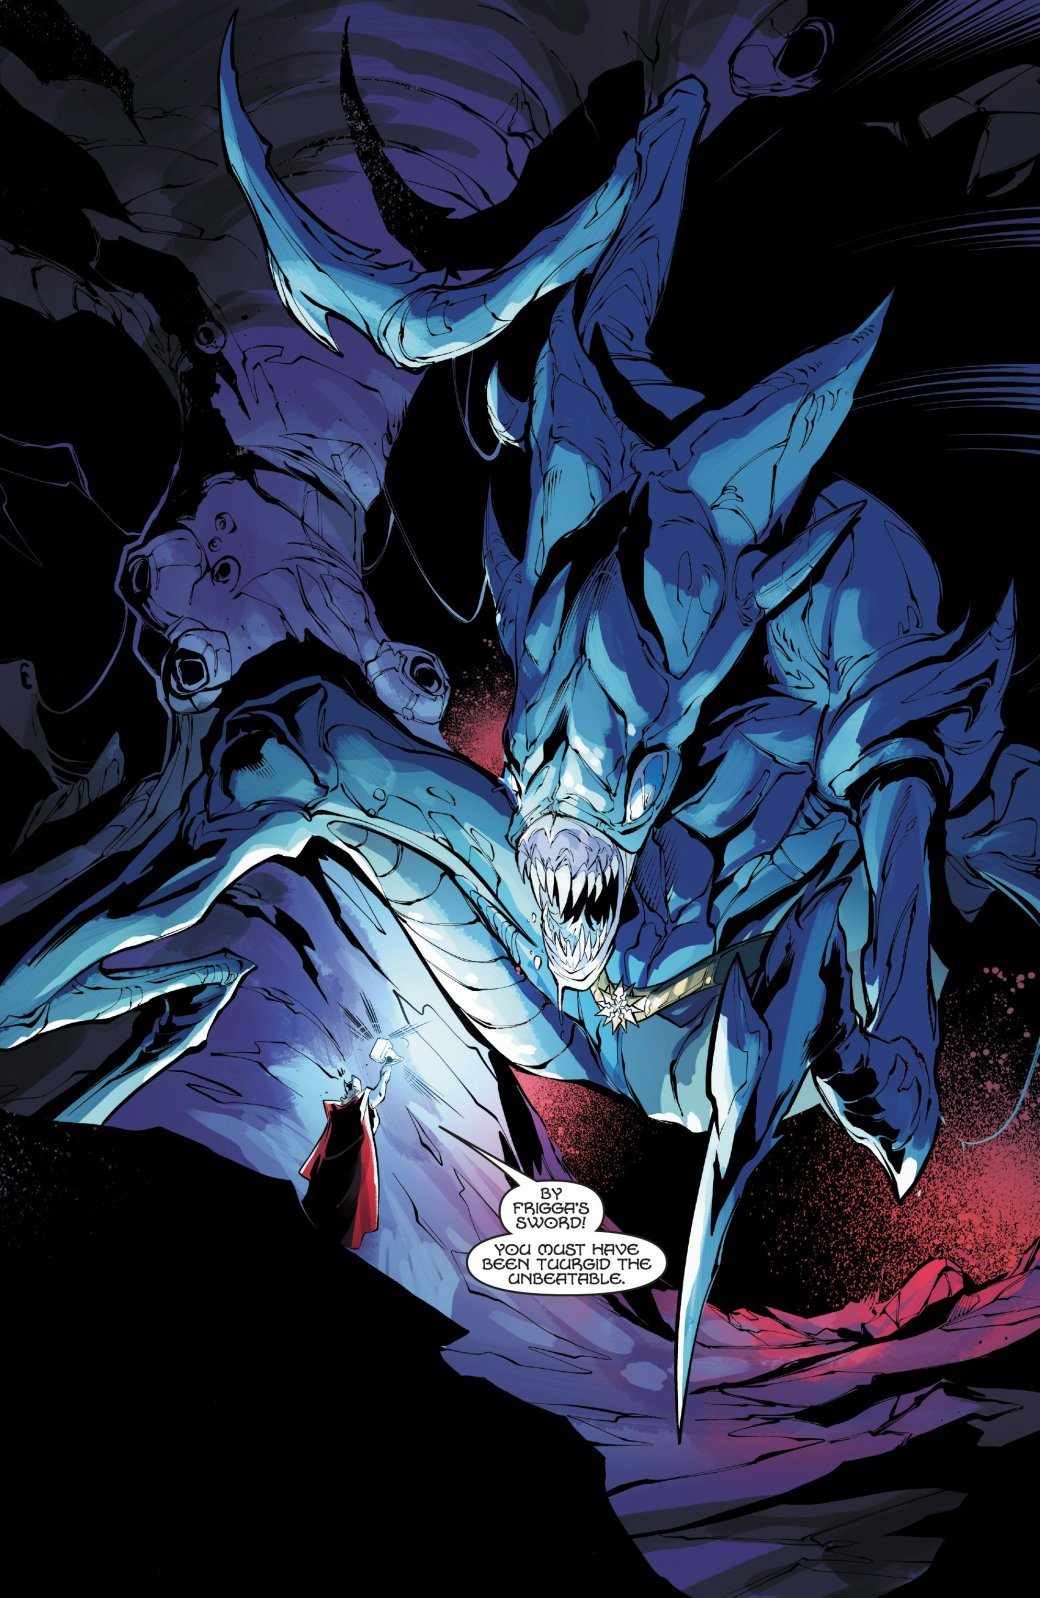 Скем изачем сражаются Тор иХалк вновом комиксе Marvel?. - Изображение 4